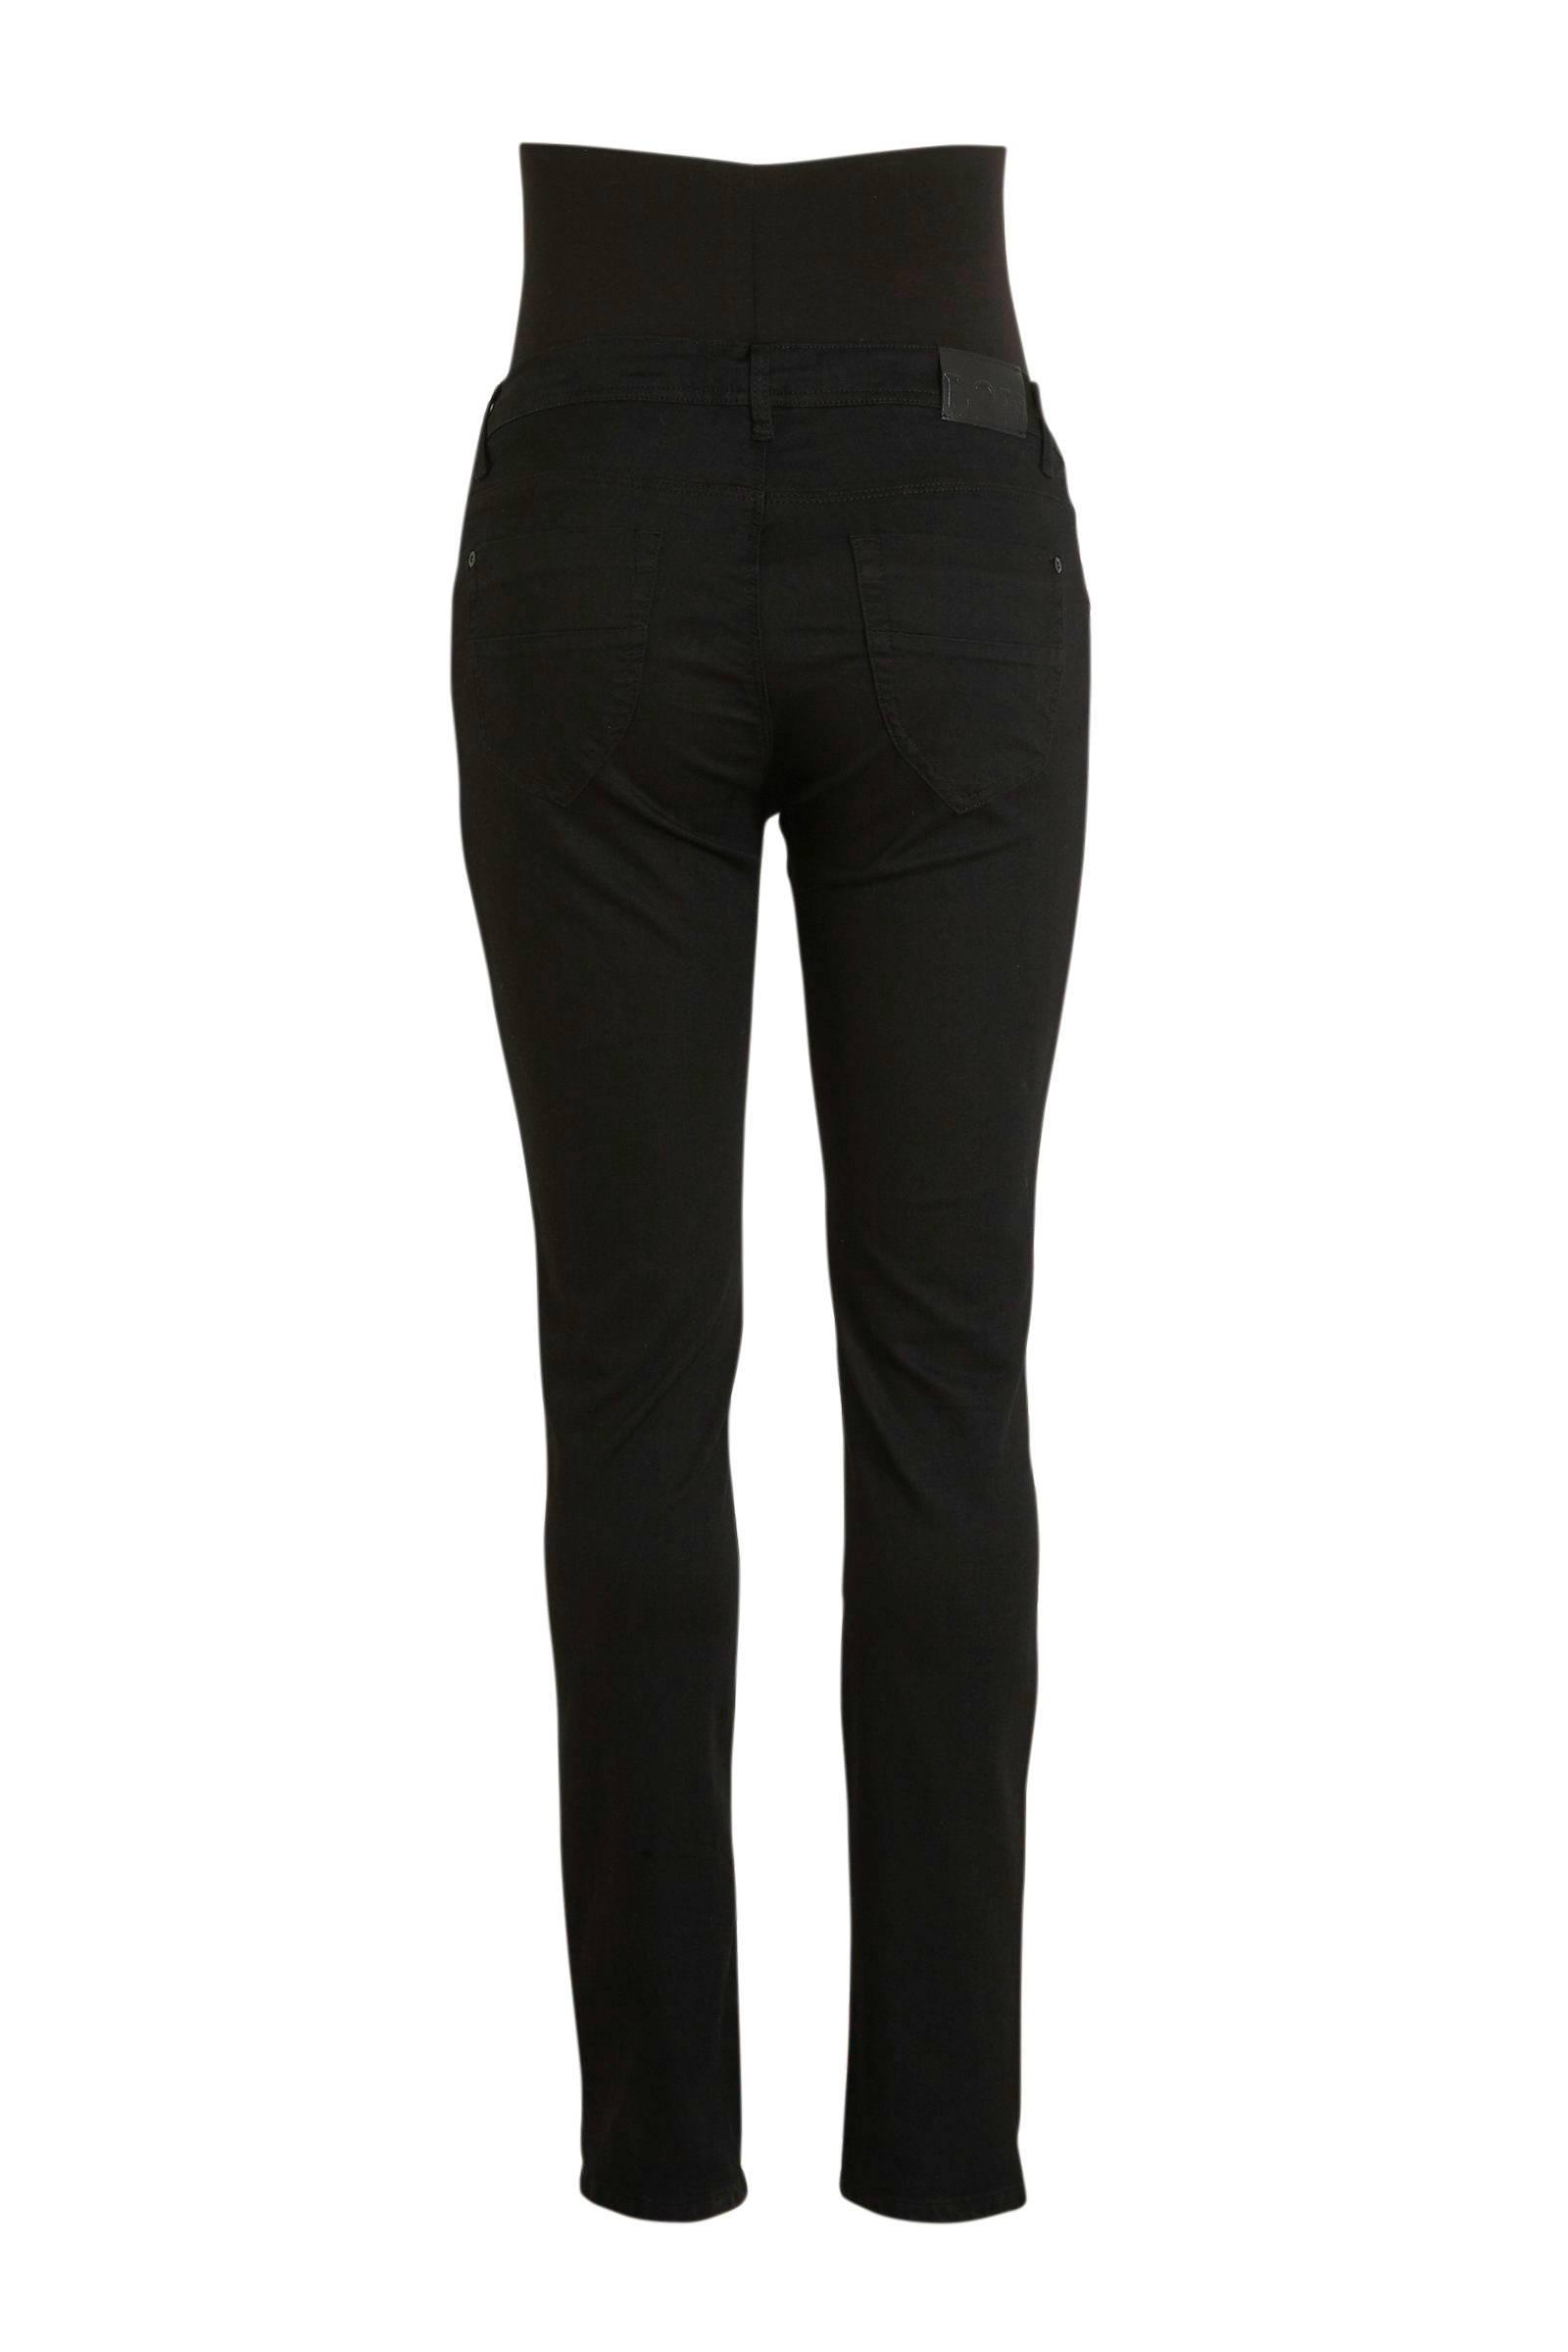 LOVE2WAIT plus positie skinny size jeans rr7qYx